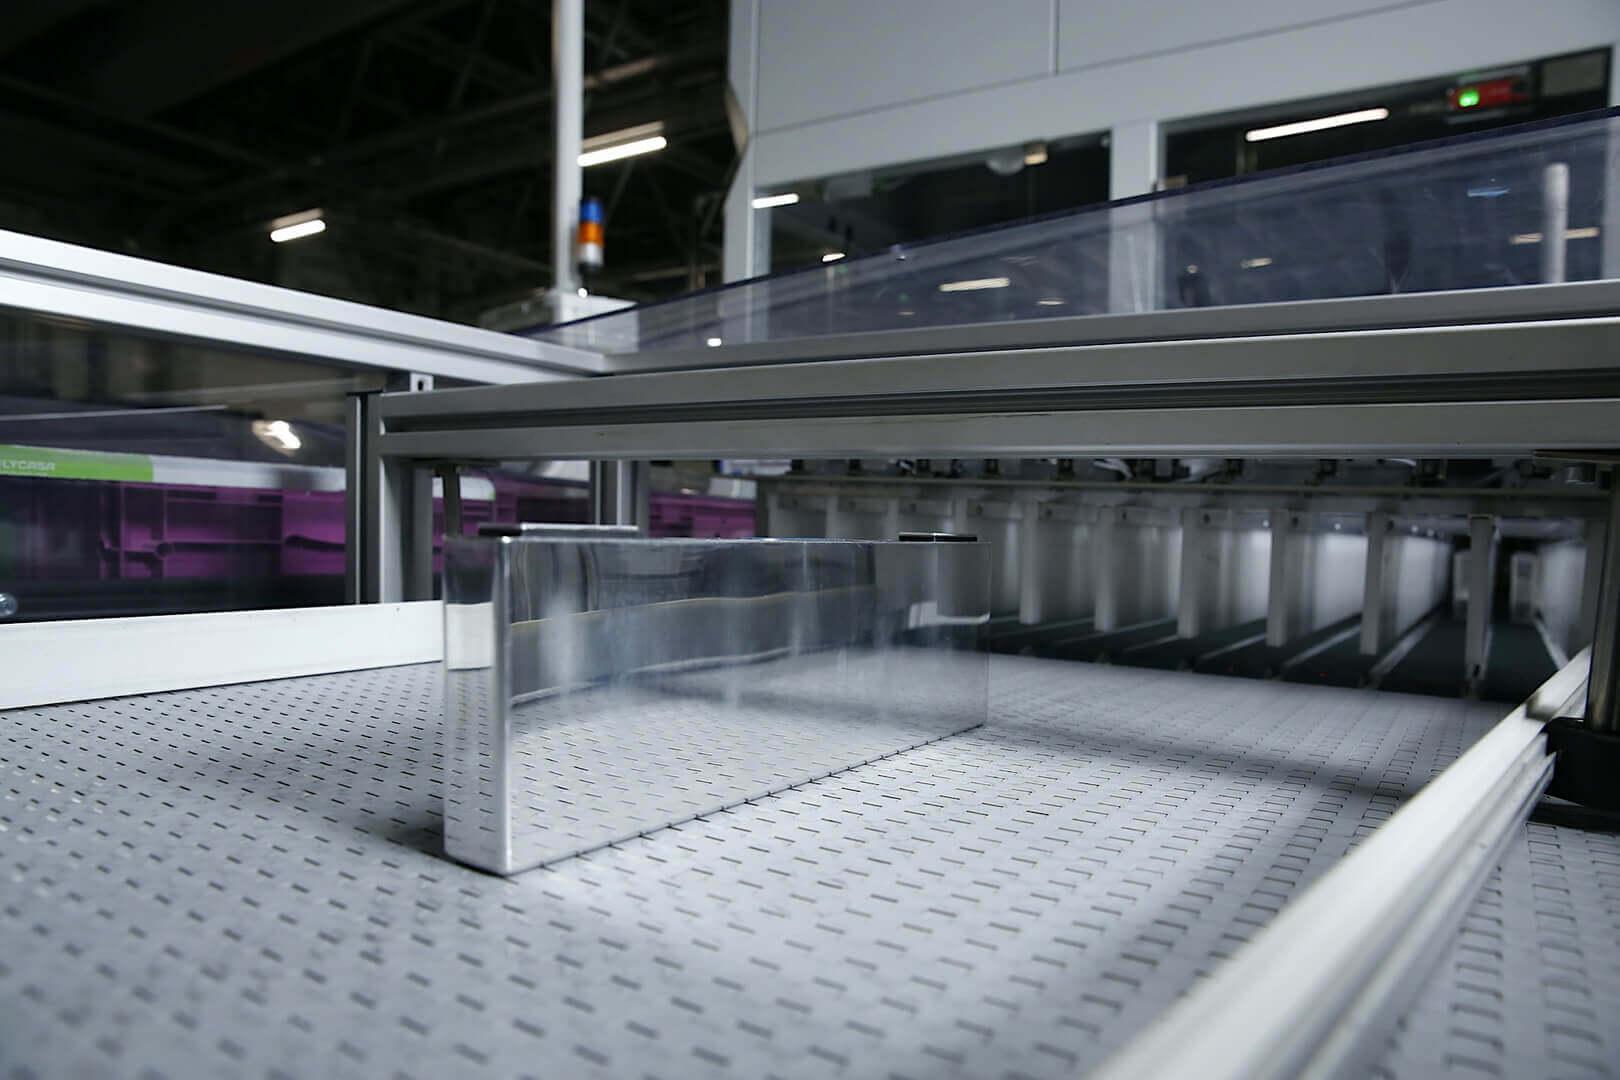 Завод BMW Group в Лейпциге начнет производство аккумуляторных модулей в 2021 году